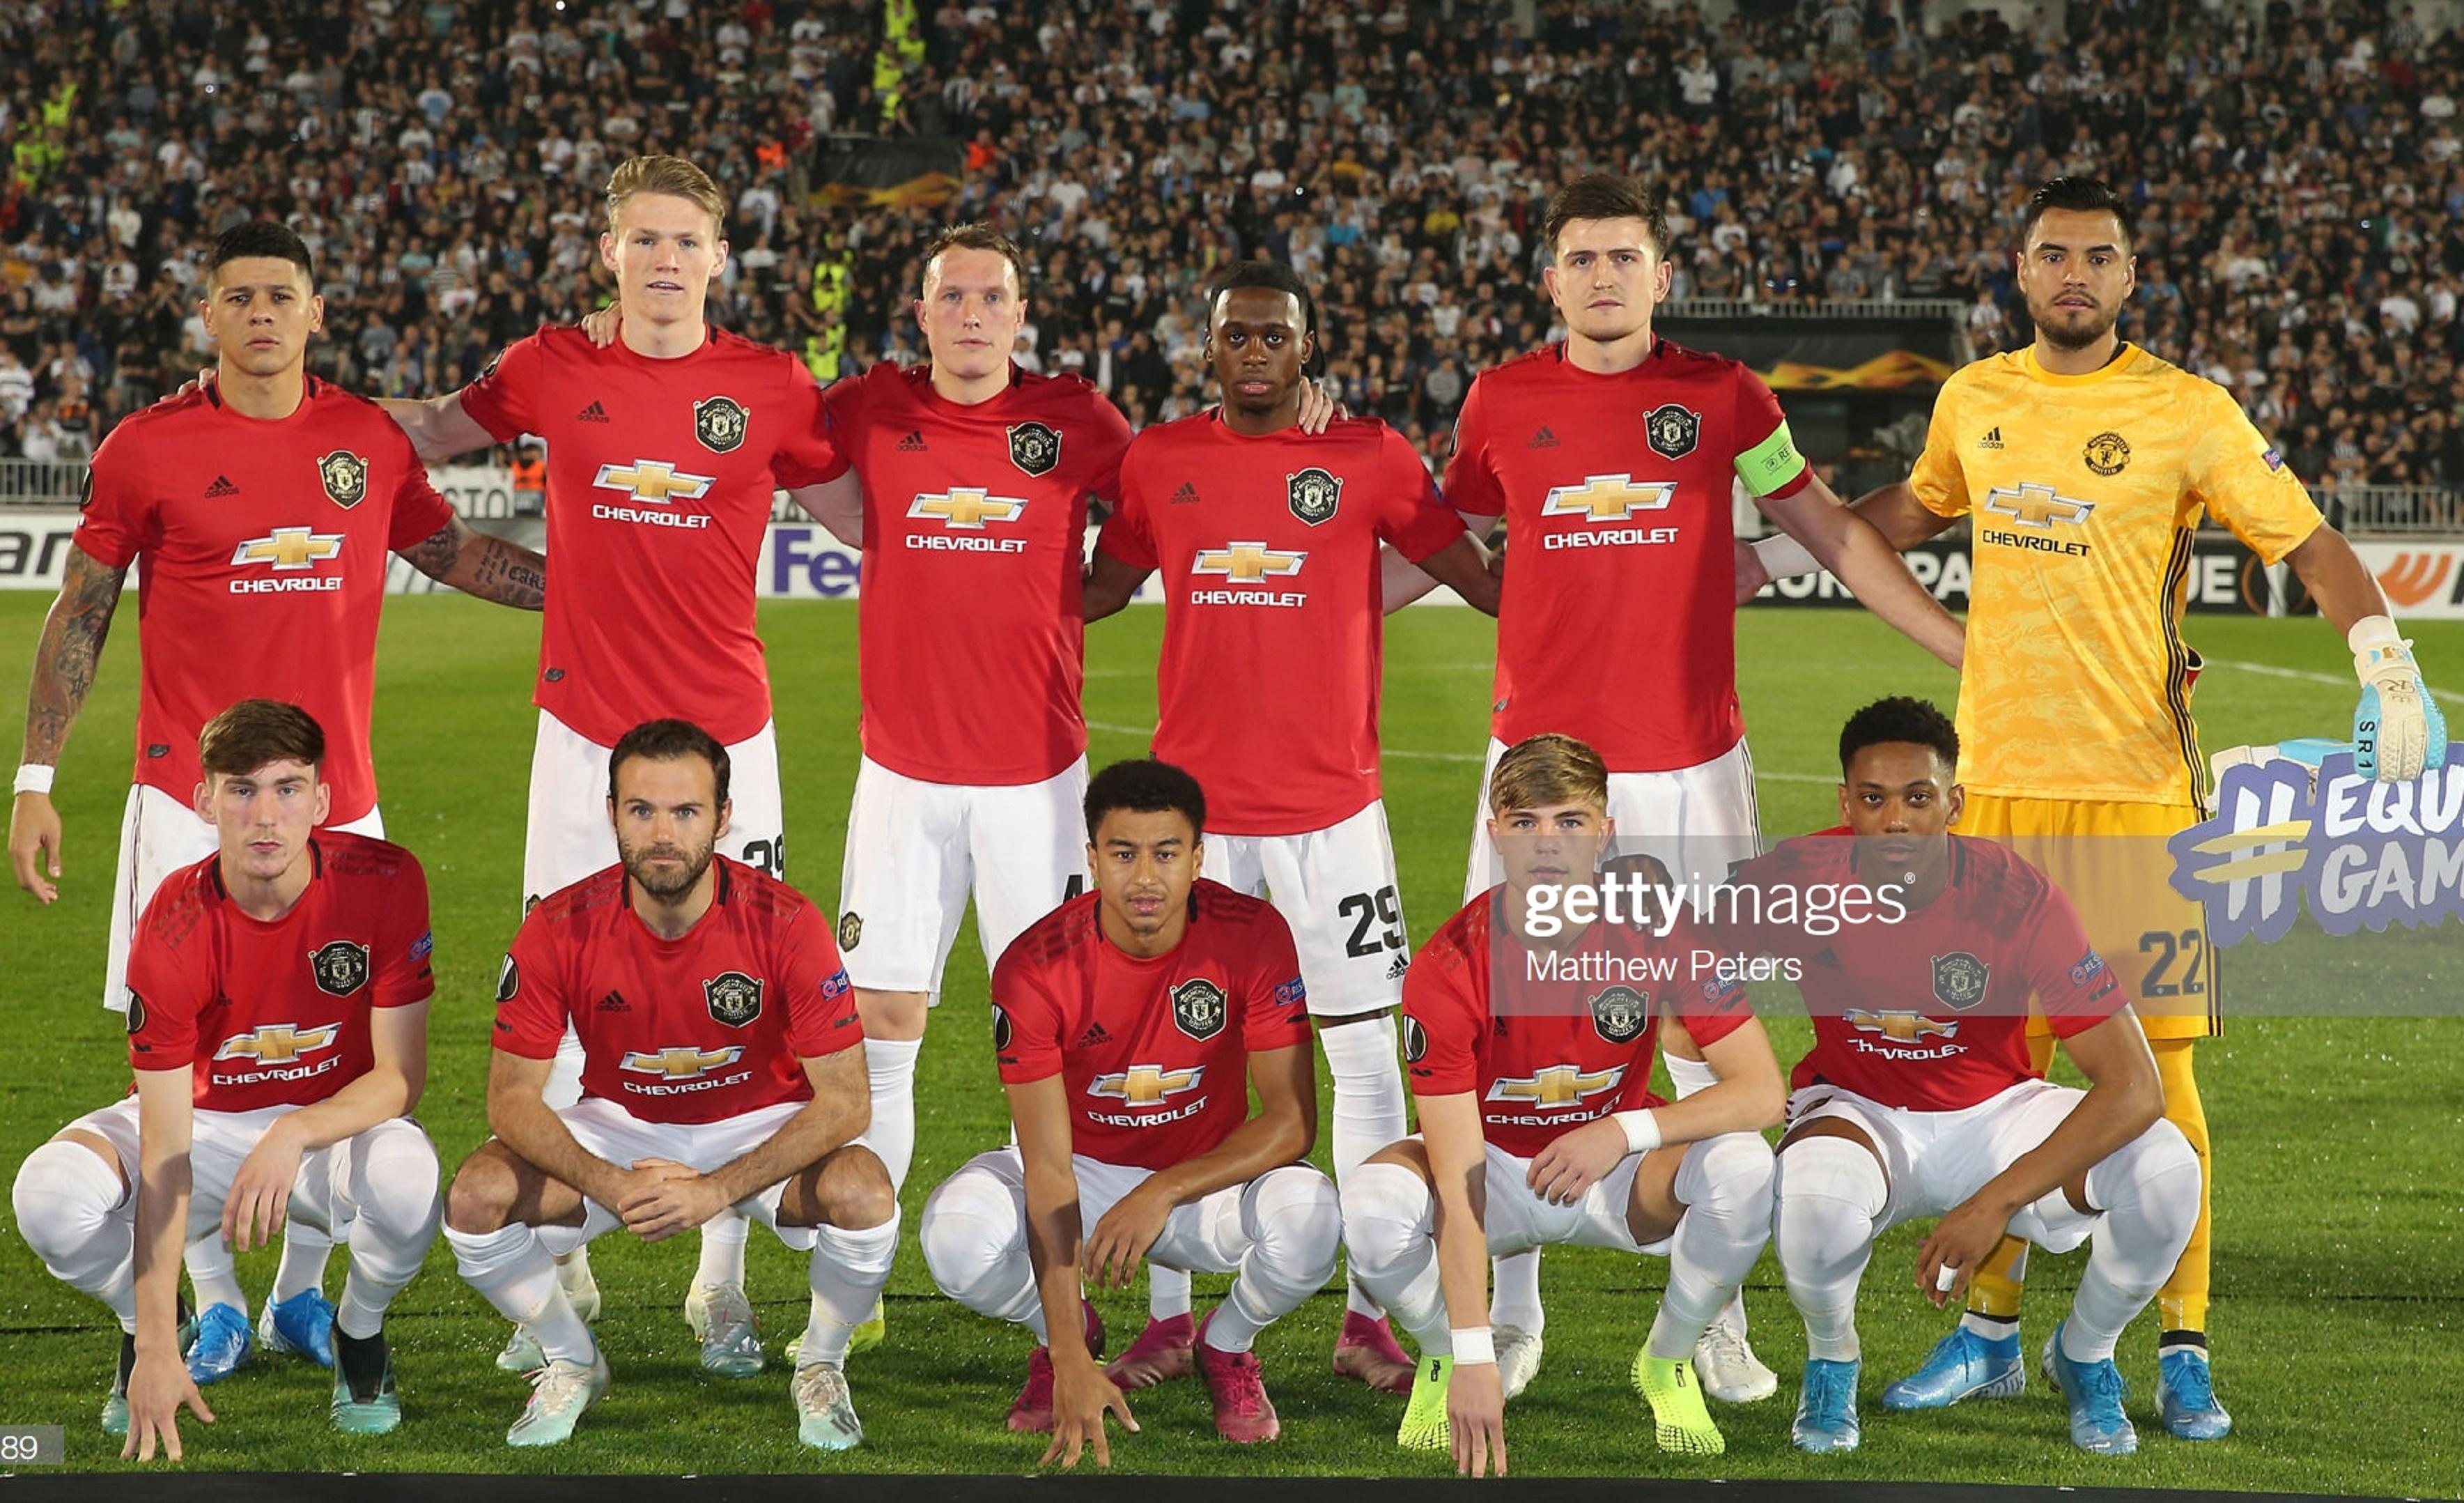 Партизан (Сербия) - Манчестер Юнайтед (Англия) 0:1. Нажмите, чтобы посмотреть истинный размер рисунка